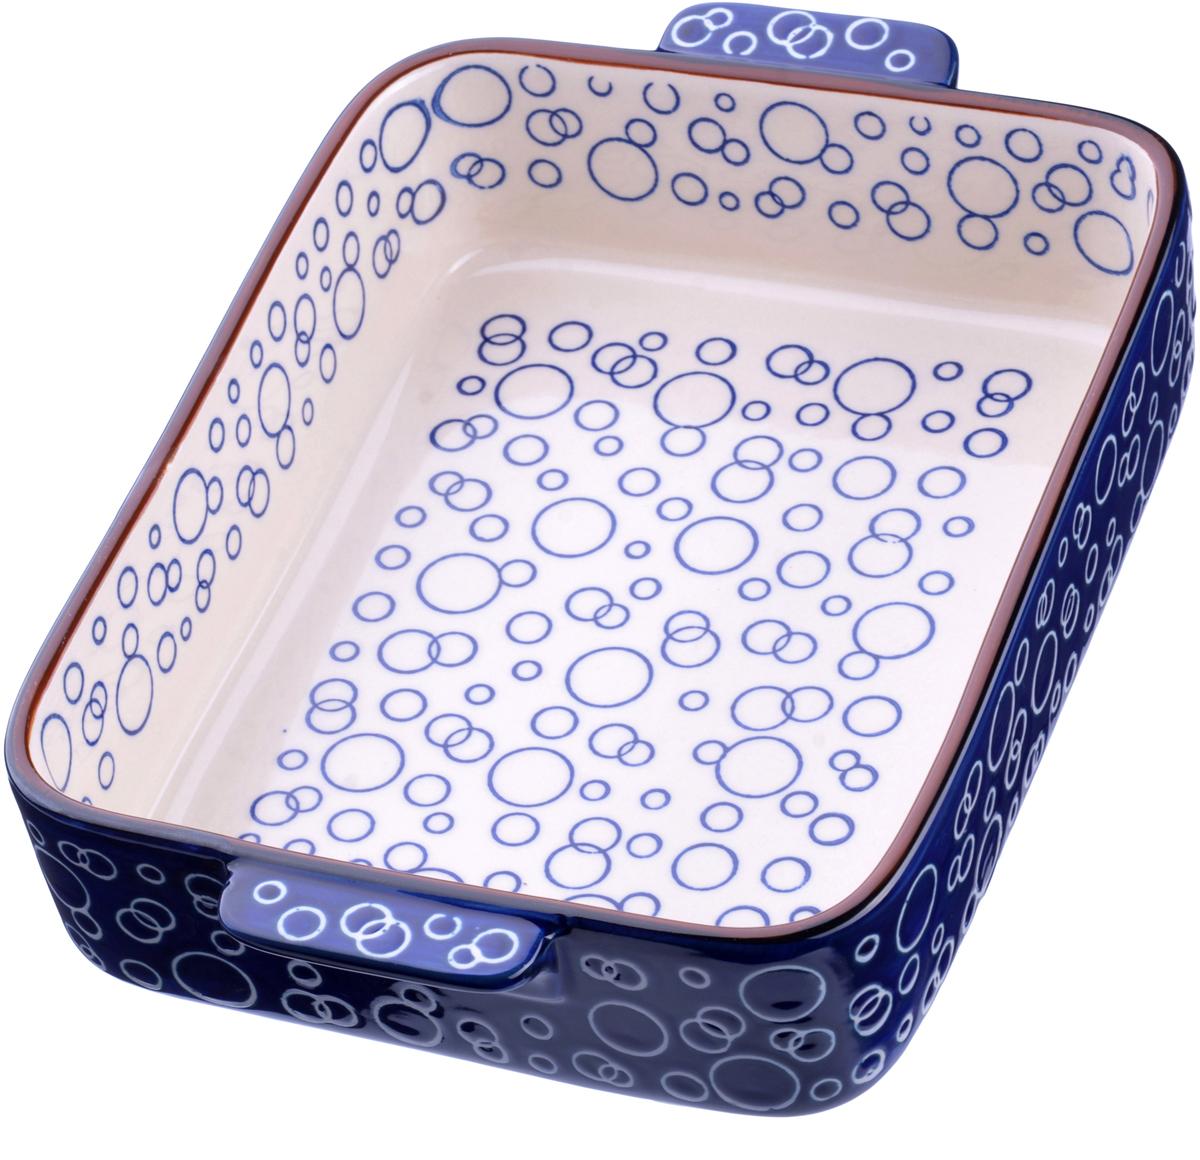 """Форма для запекания """"Loraine"""" выполнена из качественной жаропрочной  керамики. Изделие имеет прочные стенки и дно, однородные по толщине,  благодаря чему нагрев происходит равномерно. Форма подходит для  запекания и тушения разнообразных продуктов. Изделие не впитывает  посторонние запахи, не имеет труднодоступных выступов или изгибов, которые  накапливают грязь, и легко чистится.  Жаропрочная керамика выдерживает температуру от -20°С до 400°С, поэтому  такую форму можно использовать в духовке, микроволновой и конвекционной  печи, а также для хранения пищи в холодильнике и морозильной камере. Не  подходит для использования на открытом огне. Подходит для мытья в  посудомоечной машине."""